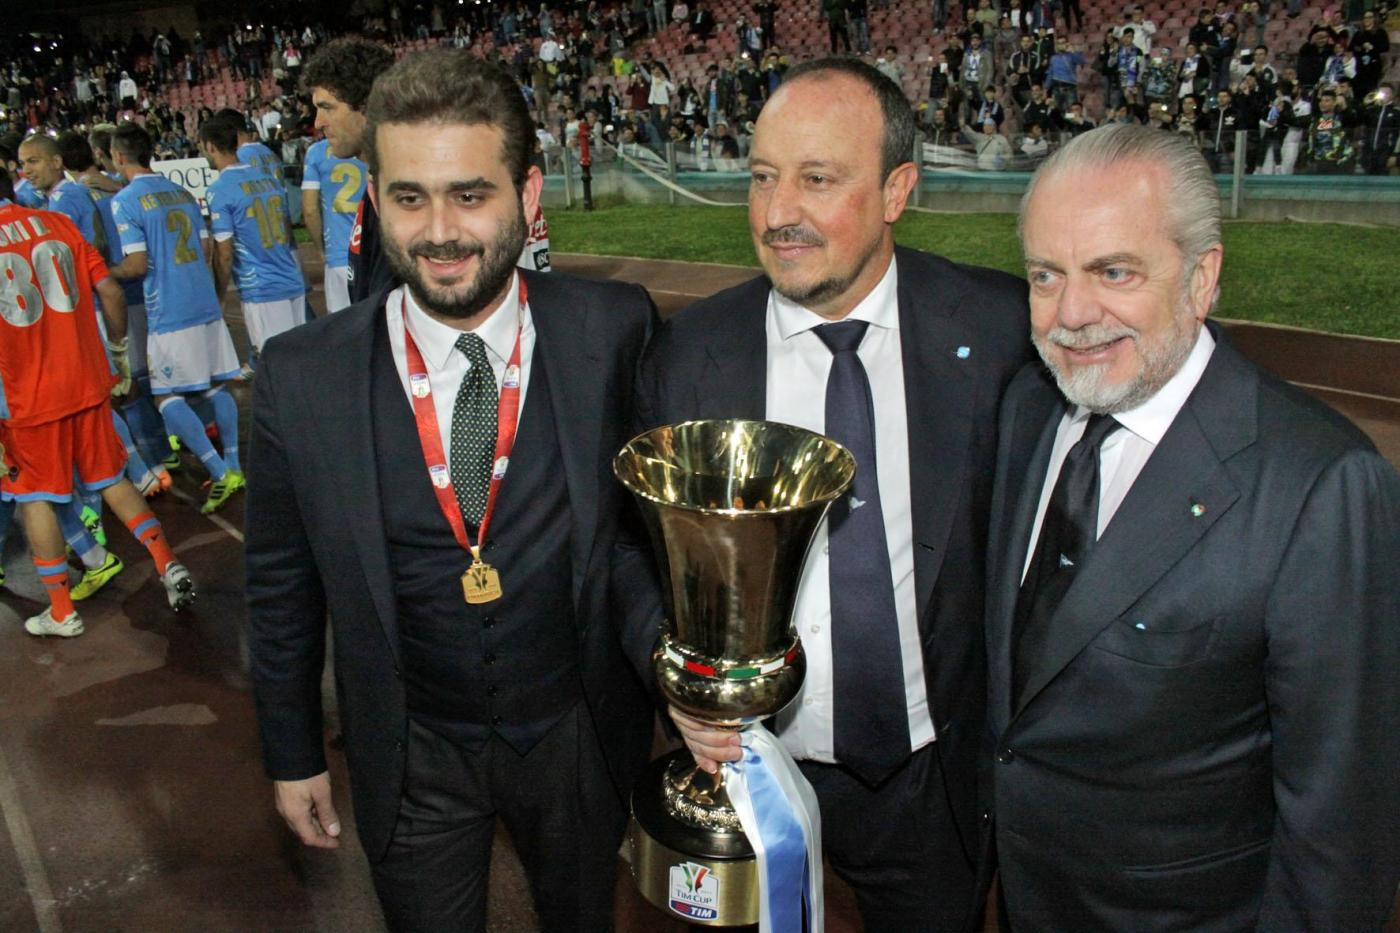 Calendario Napoli 2014/2015: le partite di campionato degli azzurri